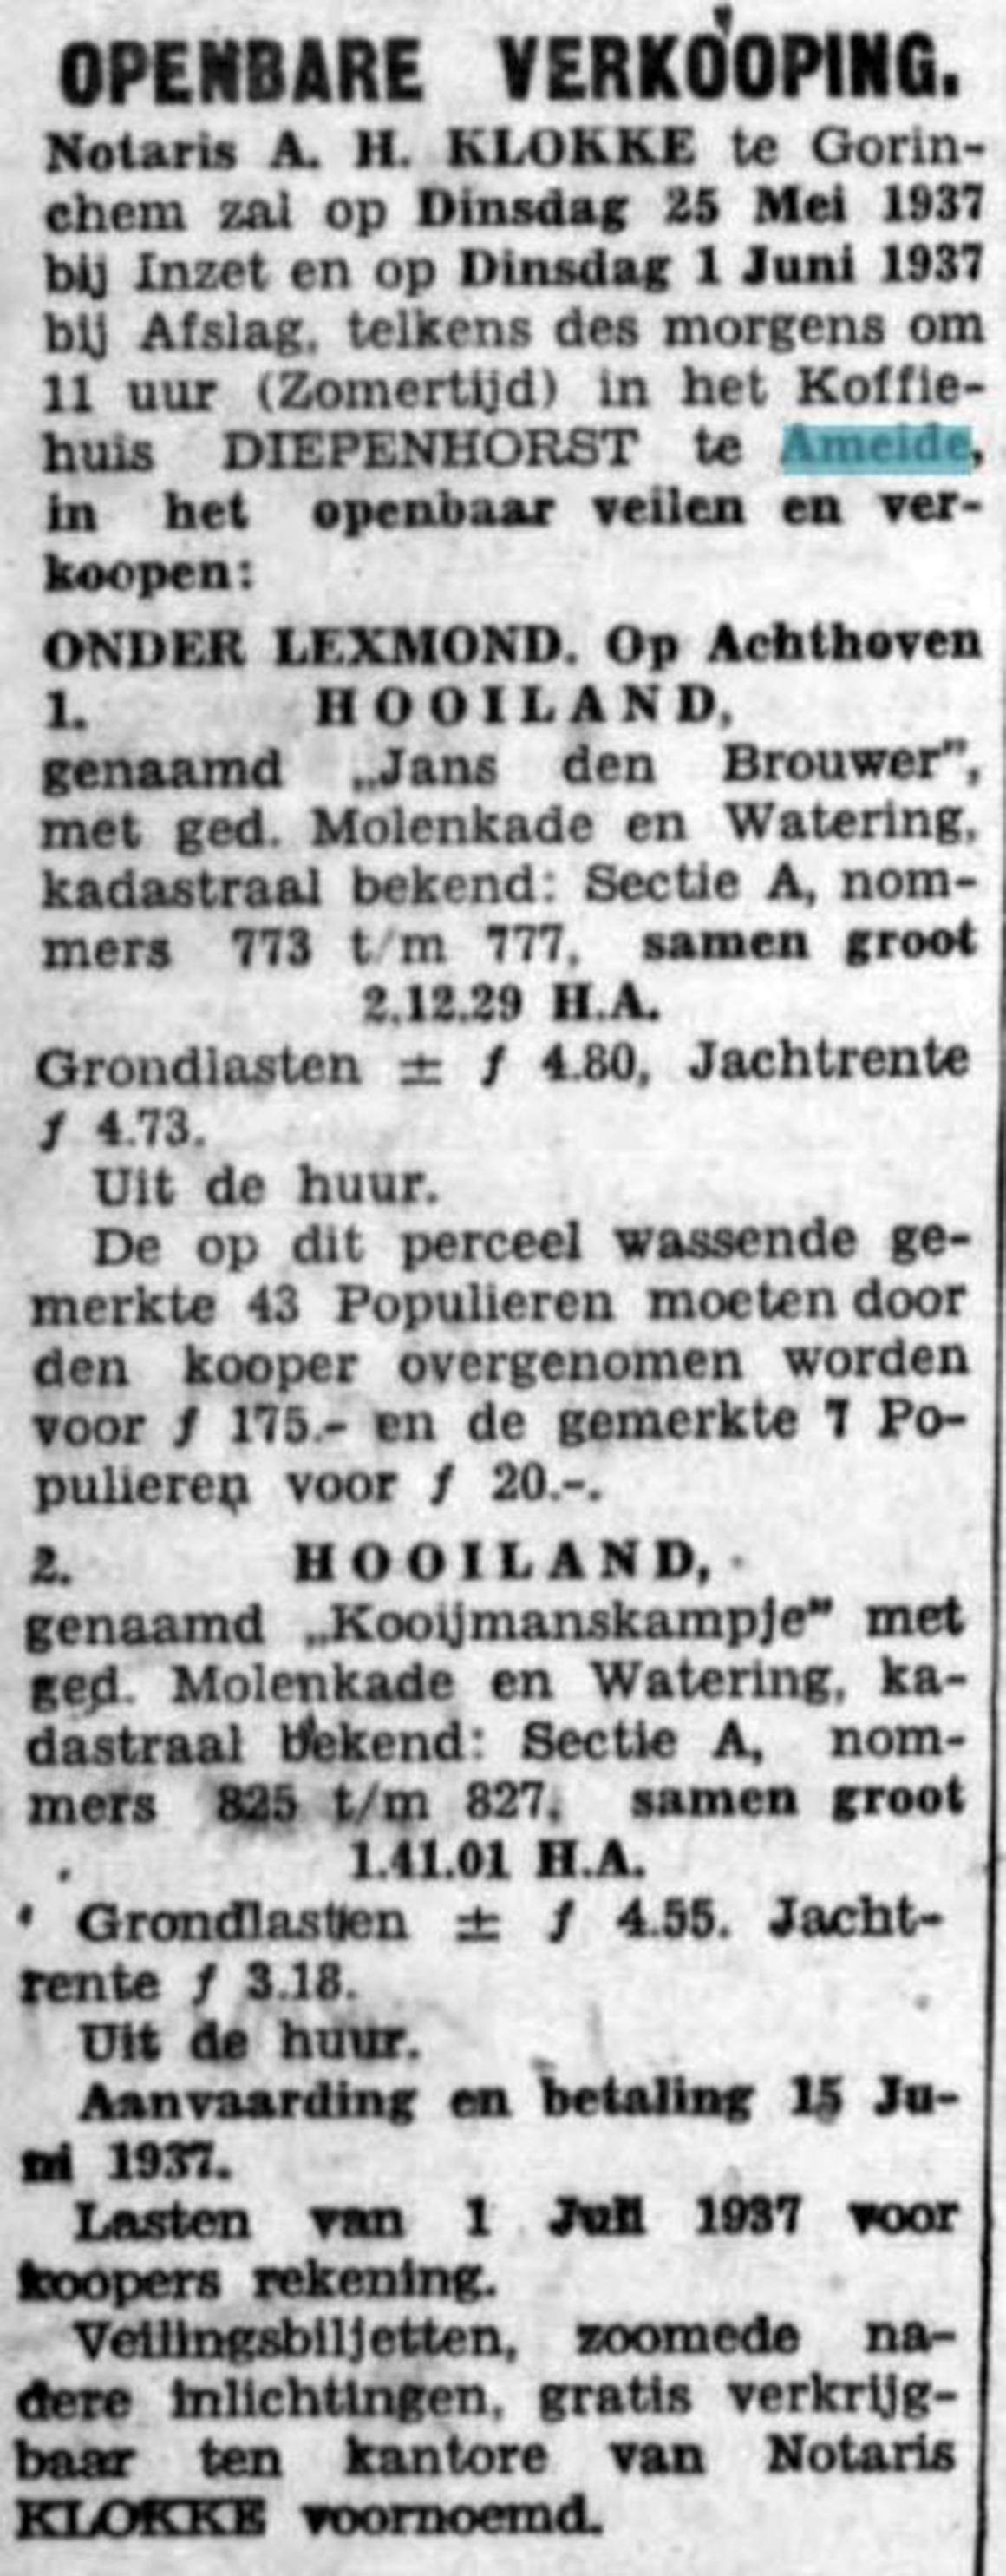 schoonhovensche-courant-06811-1937-05-21-artikel-10